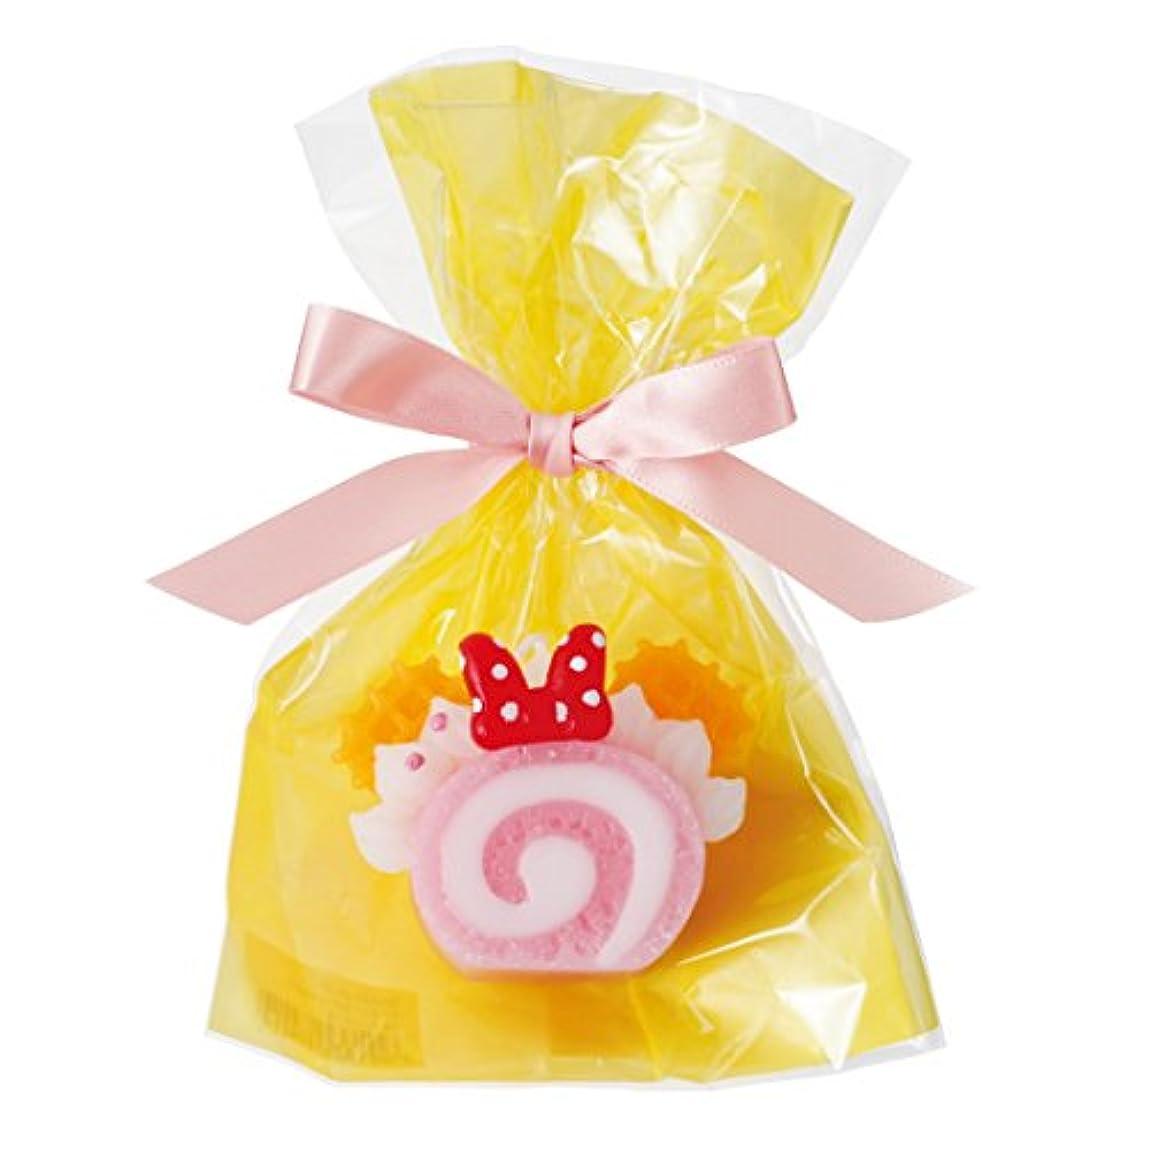 ひらめき空洞いたずらディズニースイーツキャンドル 「 ピンクロールケーキ 」